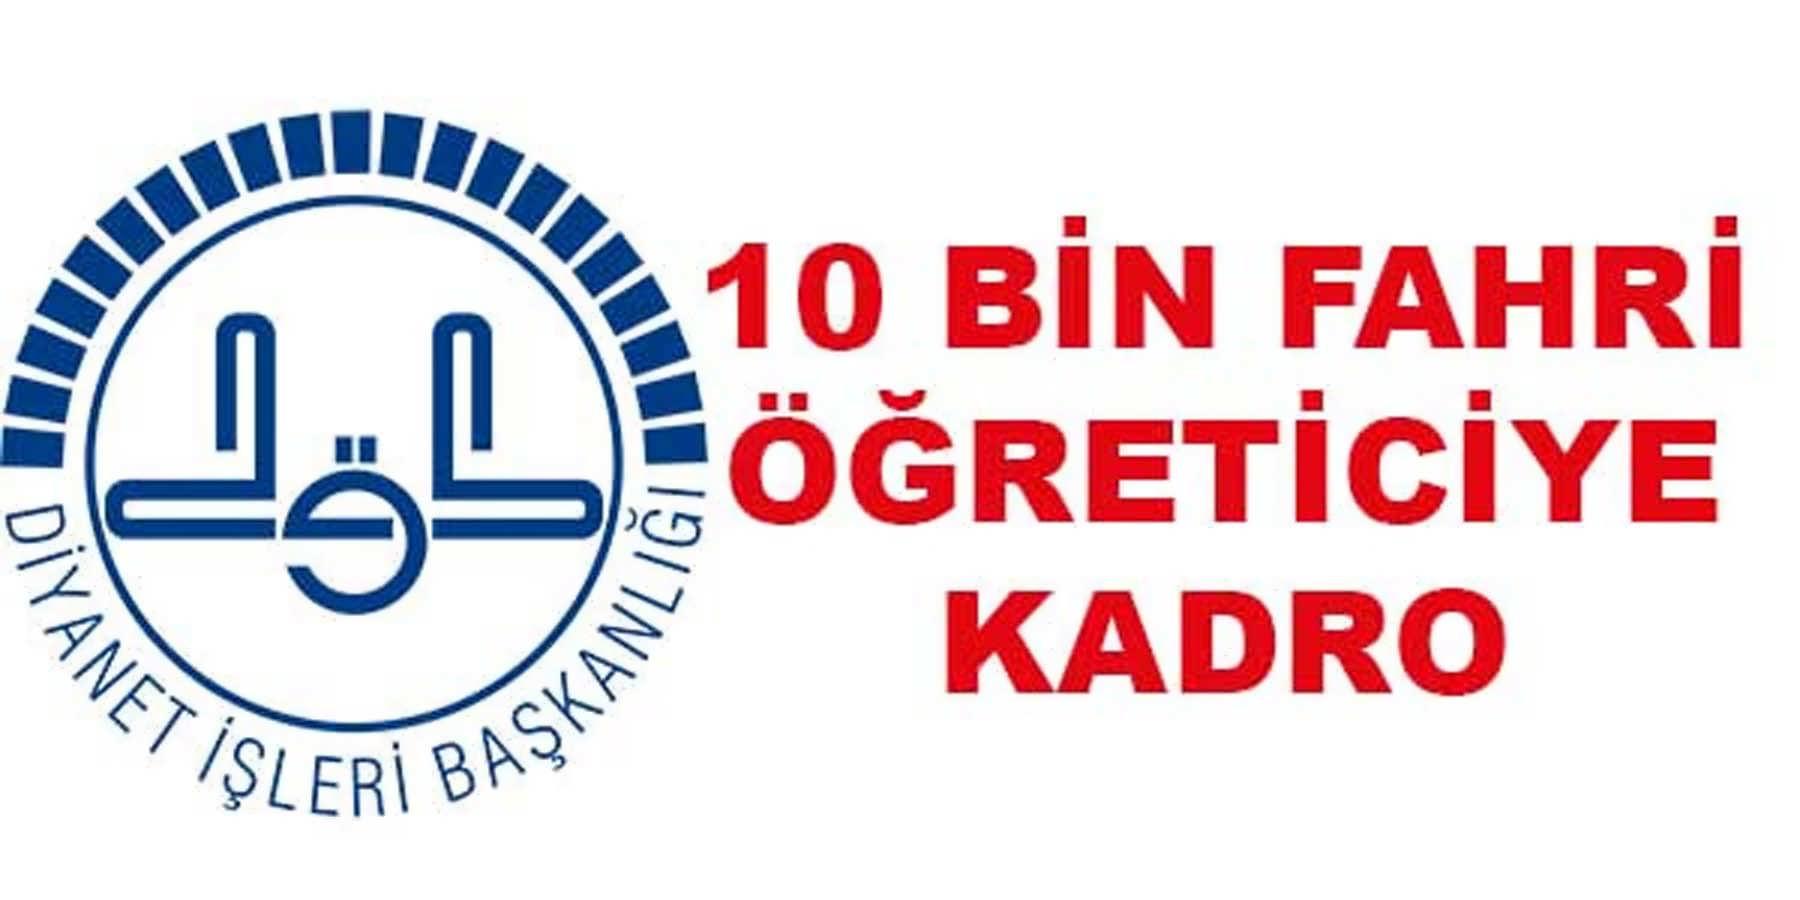 Diyanet İşleri Başkanlığı 10 Bin Fahri Kuran Kursu Öğreticisine Kadro Verecek